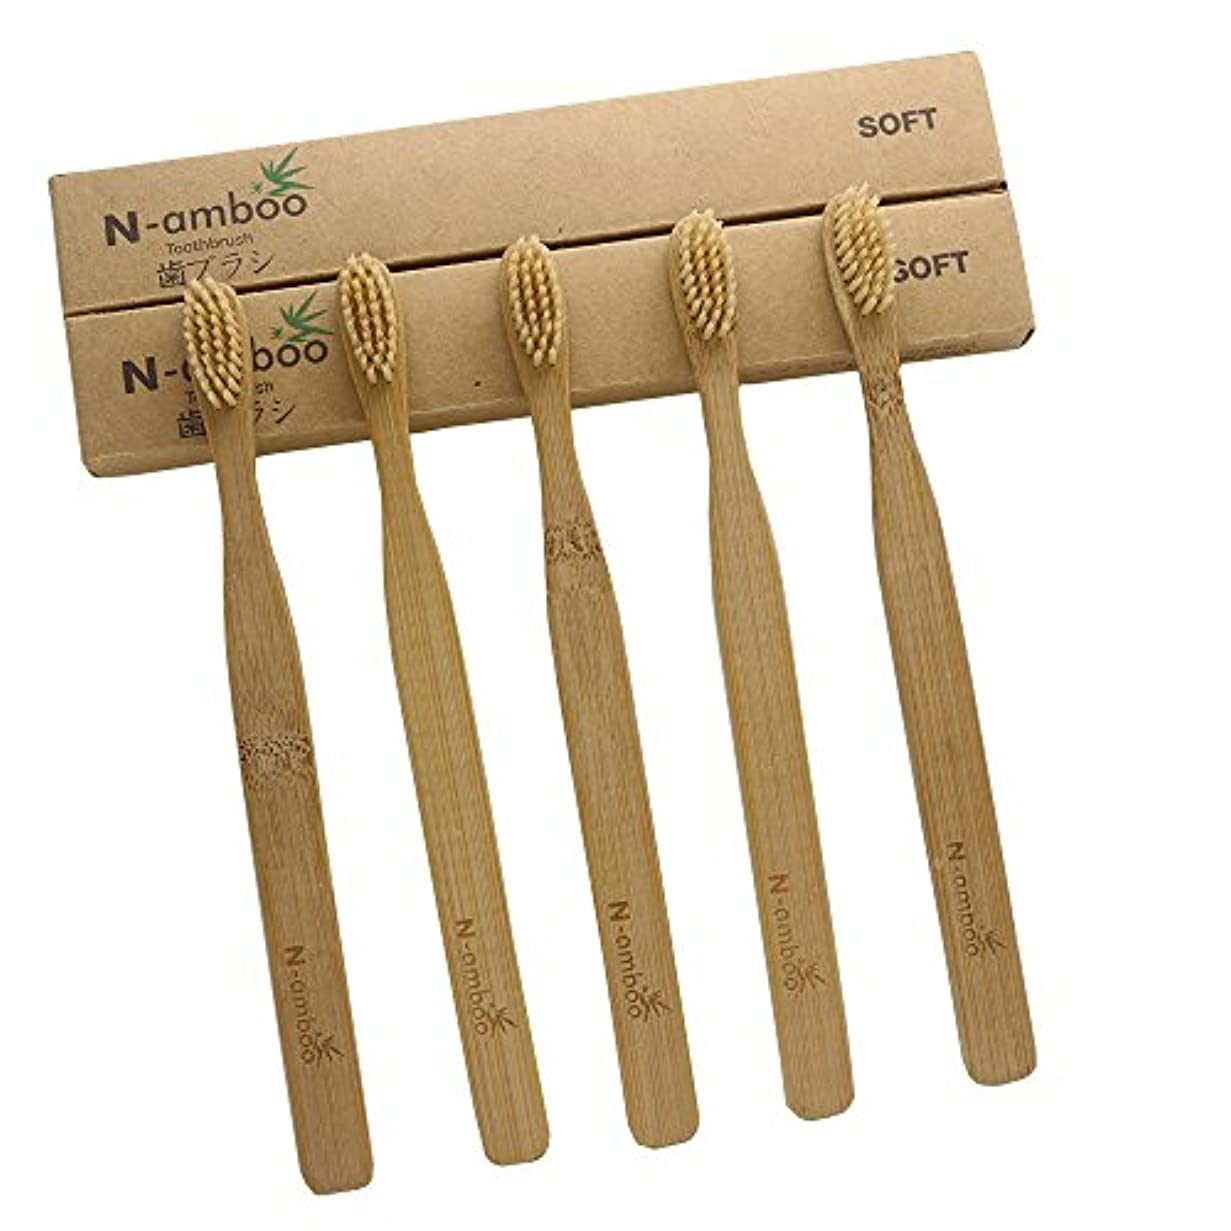 モトリーサリー斧N-amboo 竹製 歯ブラシ 高耐久性 セット エコ ハンドル大きめ ベージュ (5本)